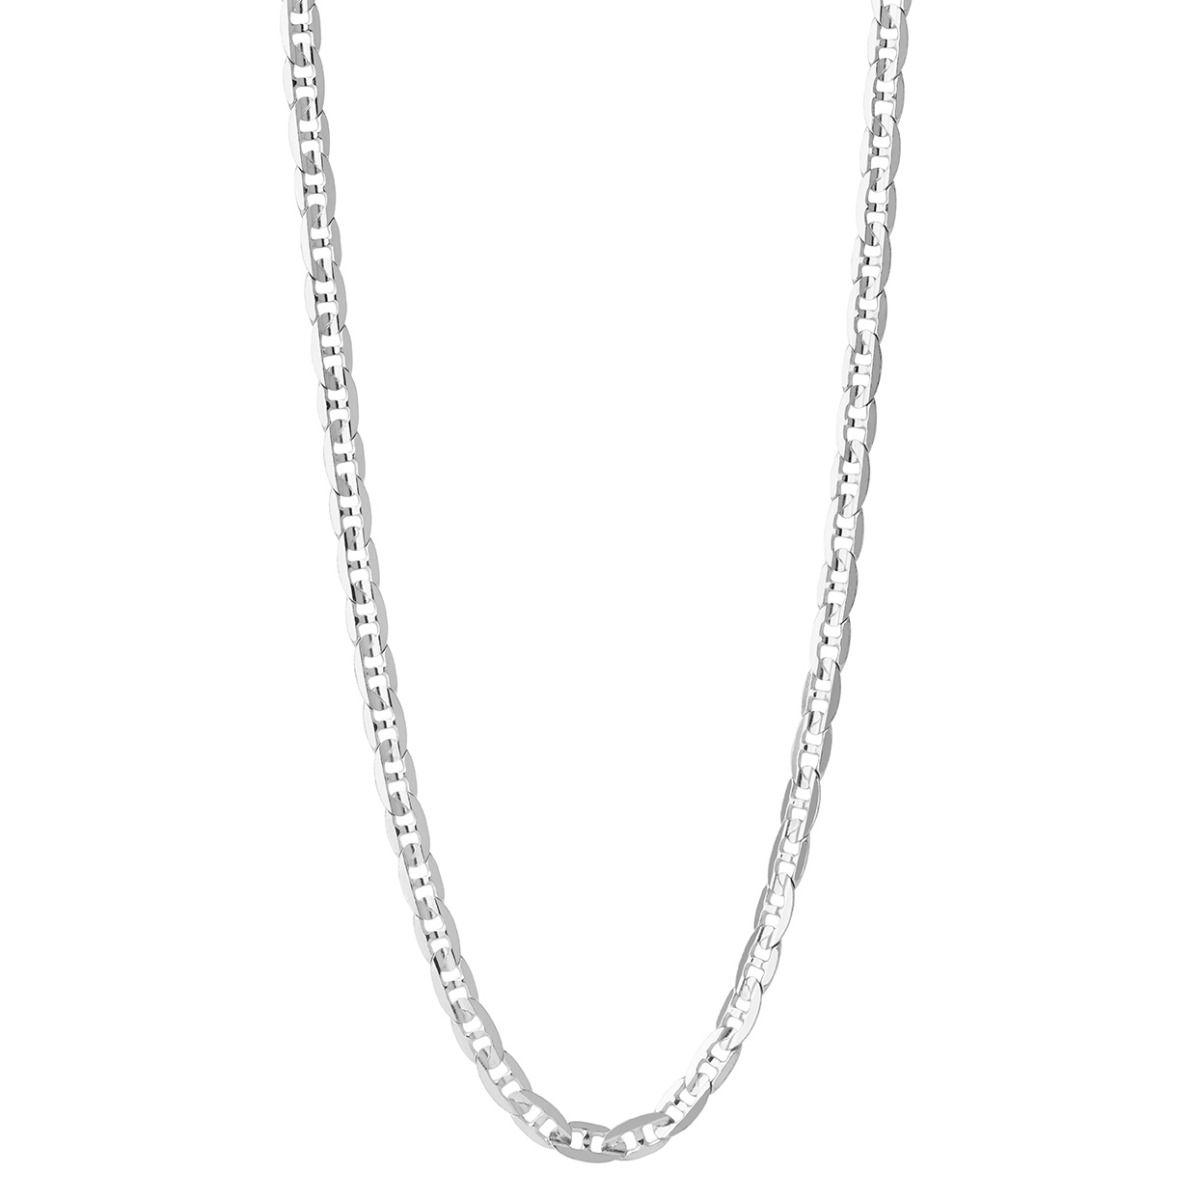 Image of Maria Black Carlo sølv kæde 43 cm - 300339-43